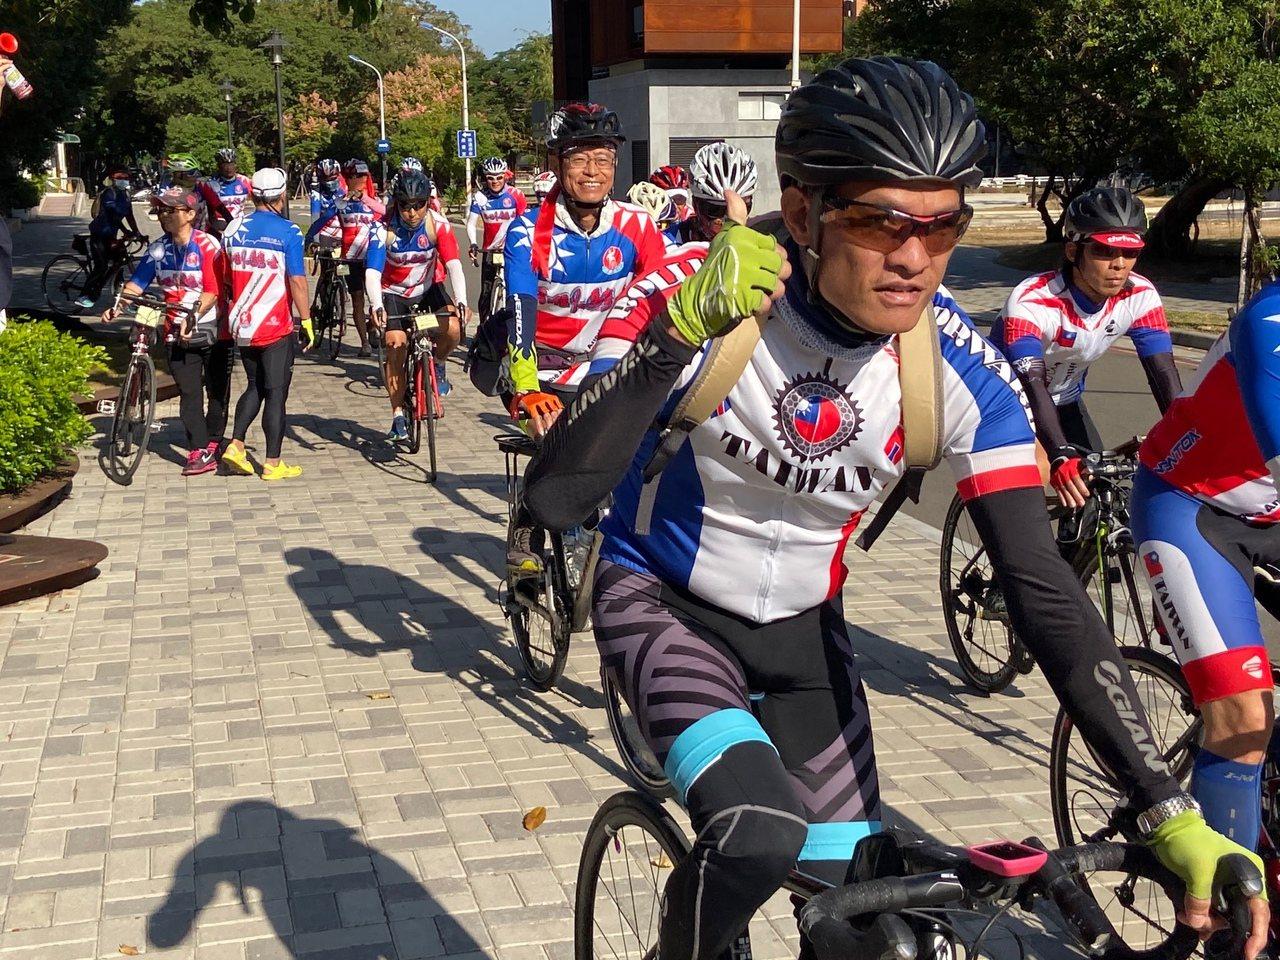 40名抗癌勇士與家屬參加「抗癌勇士熱愛生命自行車環台之旅」,11月2日從台北出發...